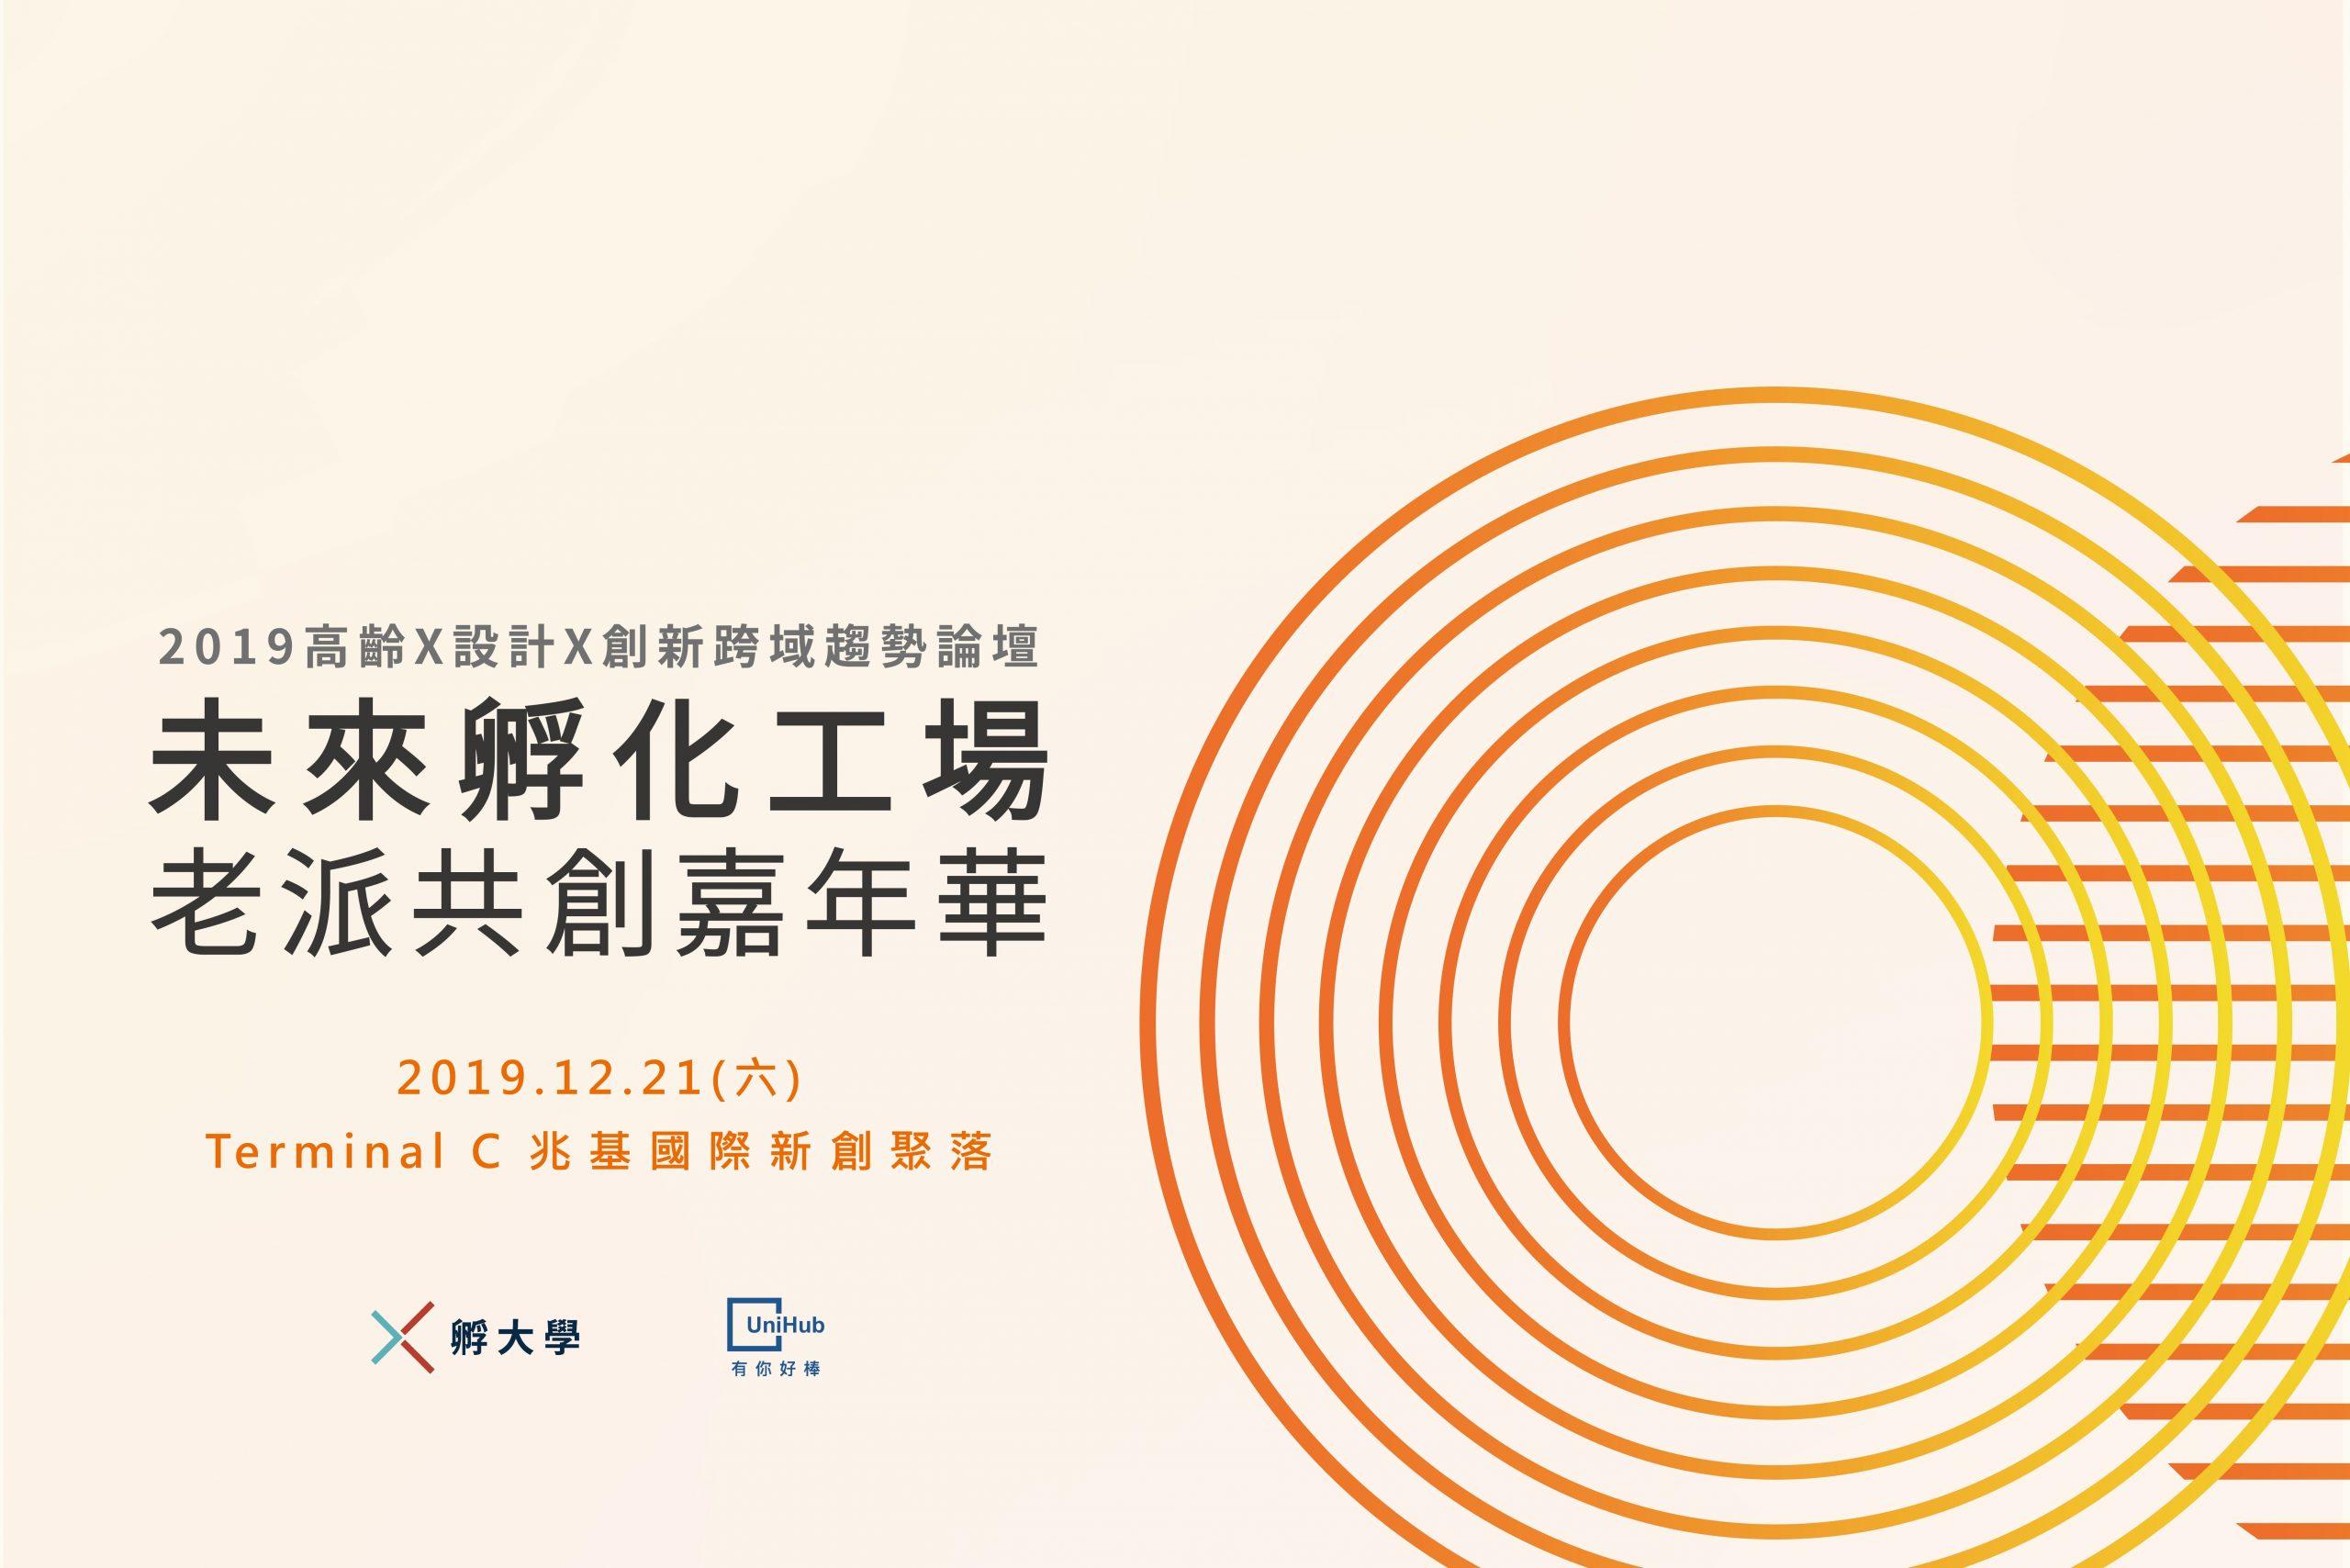 2019高齡X設計X創新跨域趨勢論壇 未來孵化工場:老派共創嘉年華